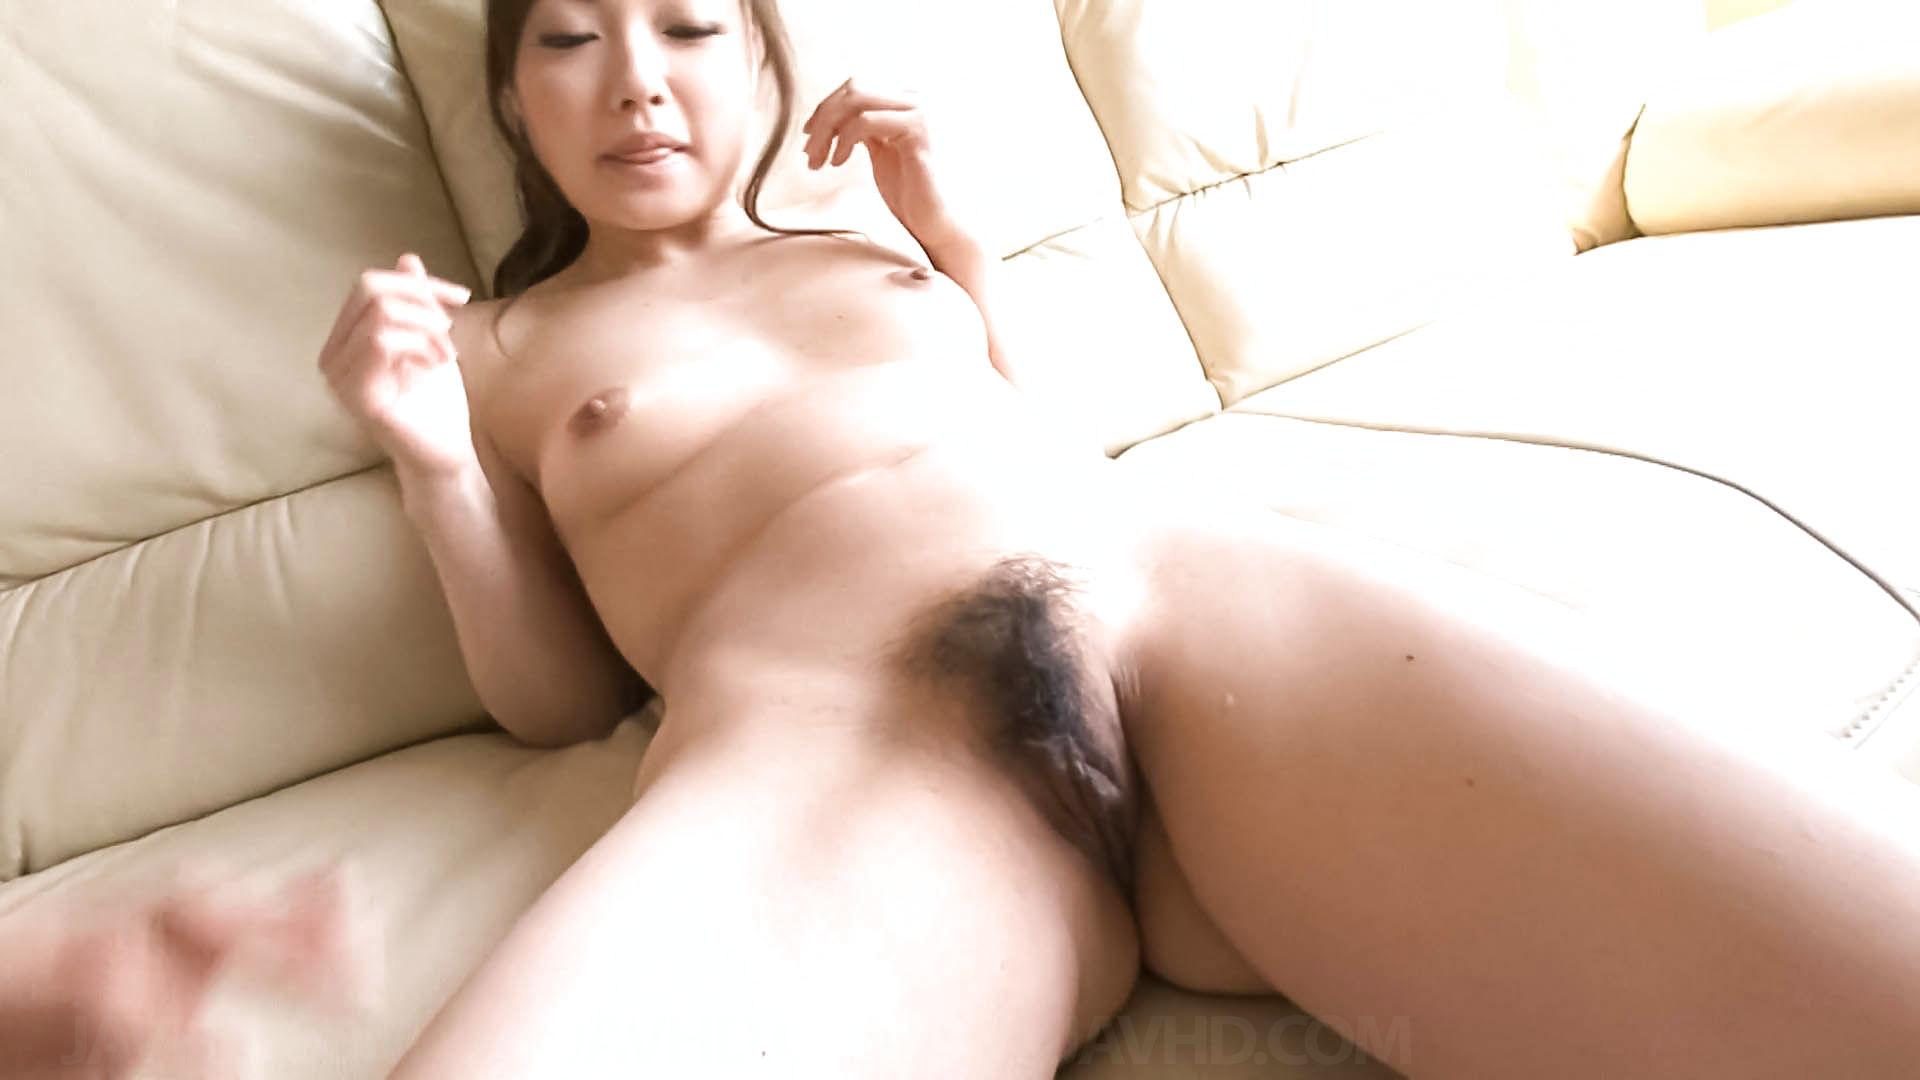 Японки с голой пиздой фото, Порно фото японок 9 фотография